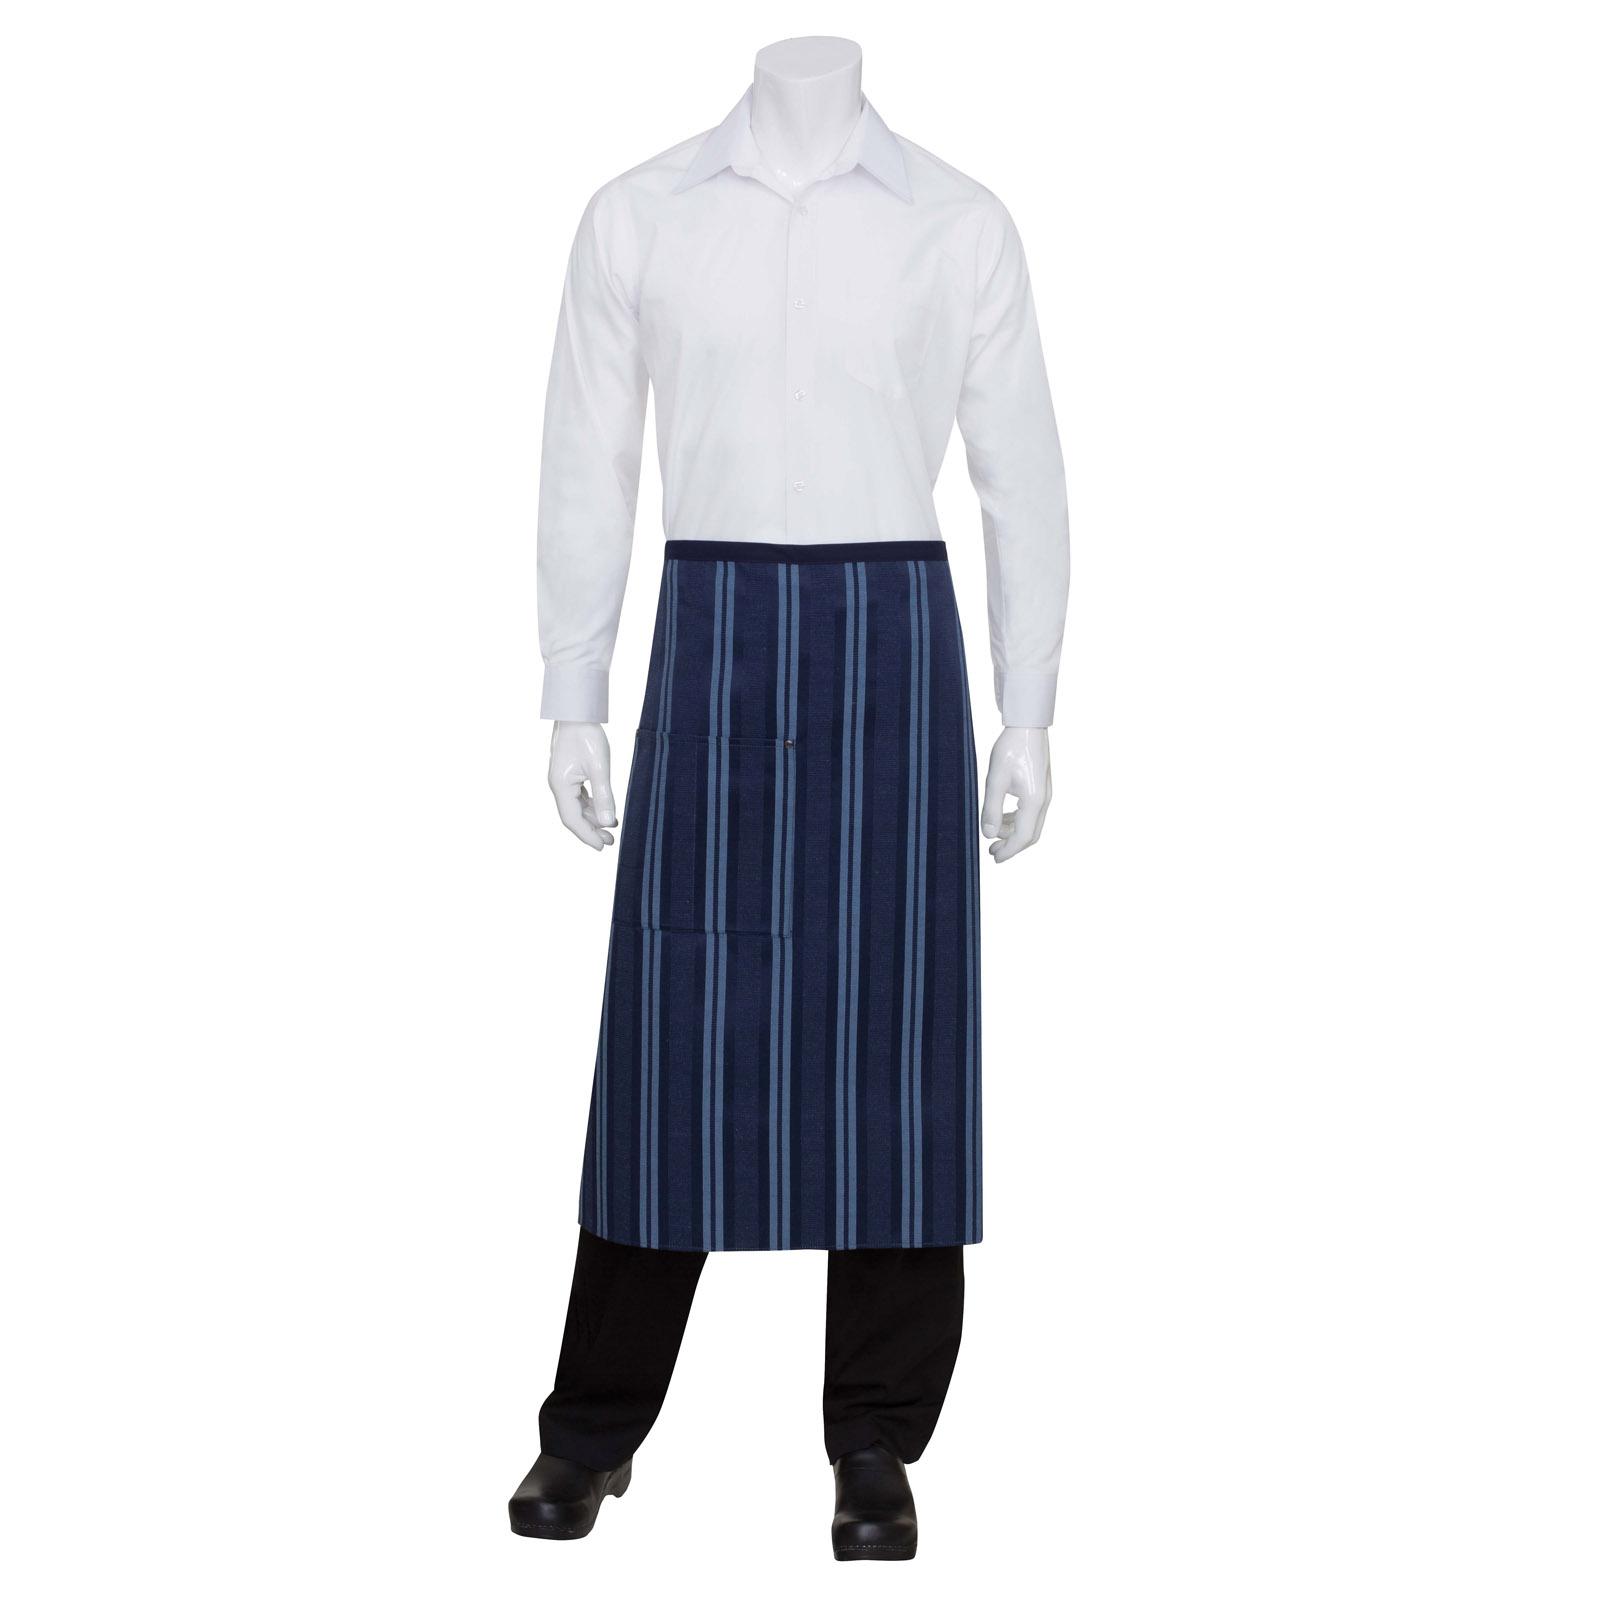 Chef Works AW025NBU0 waist apron